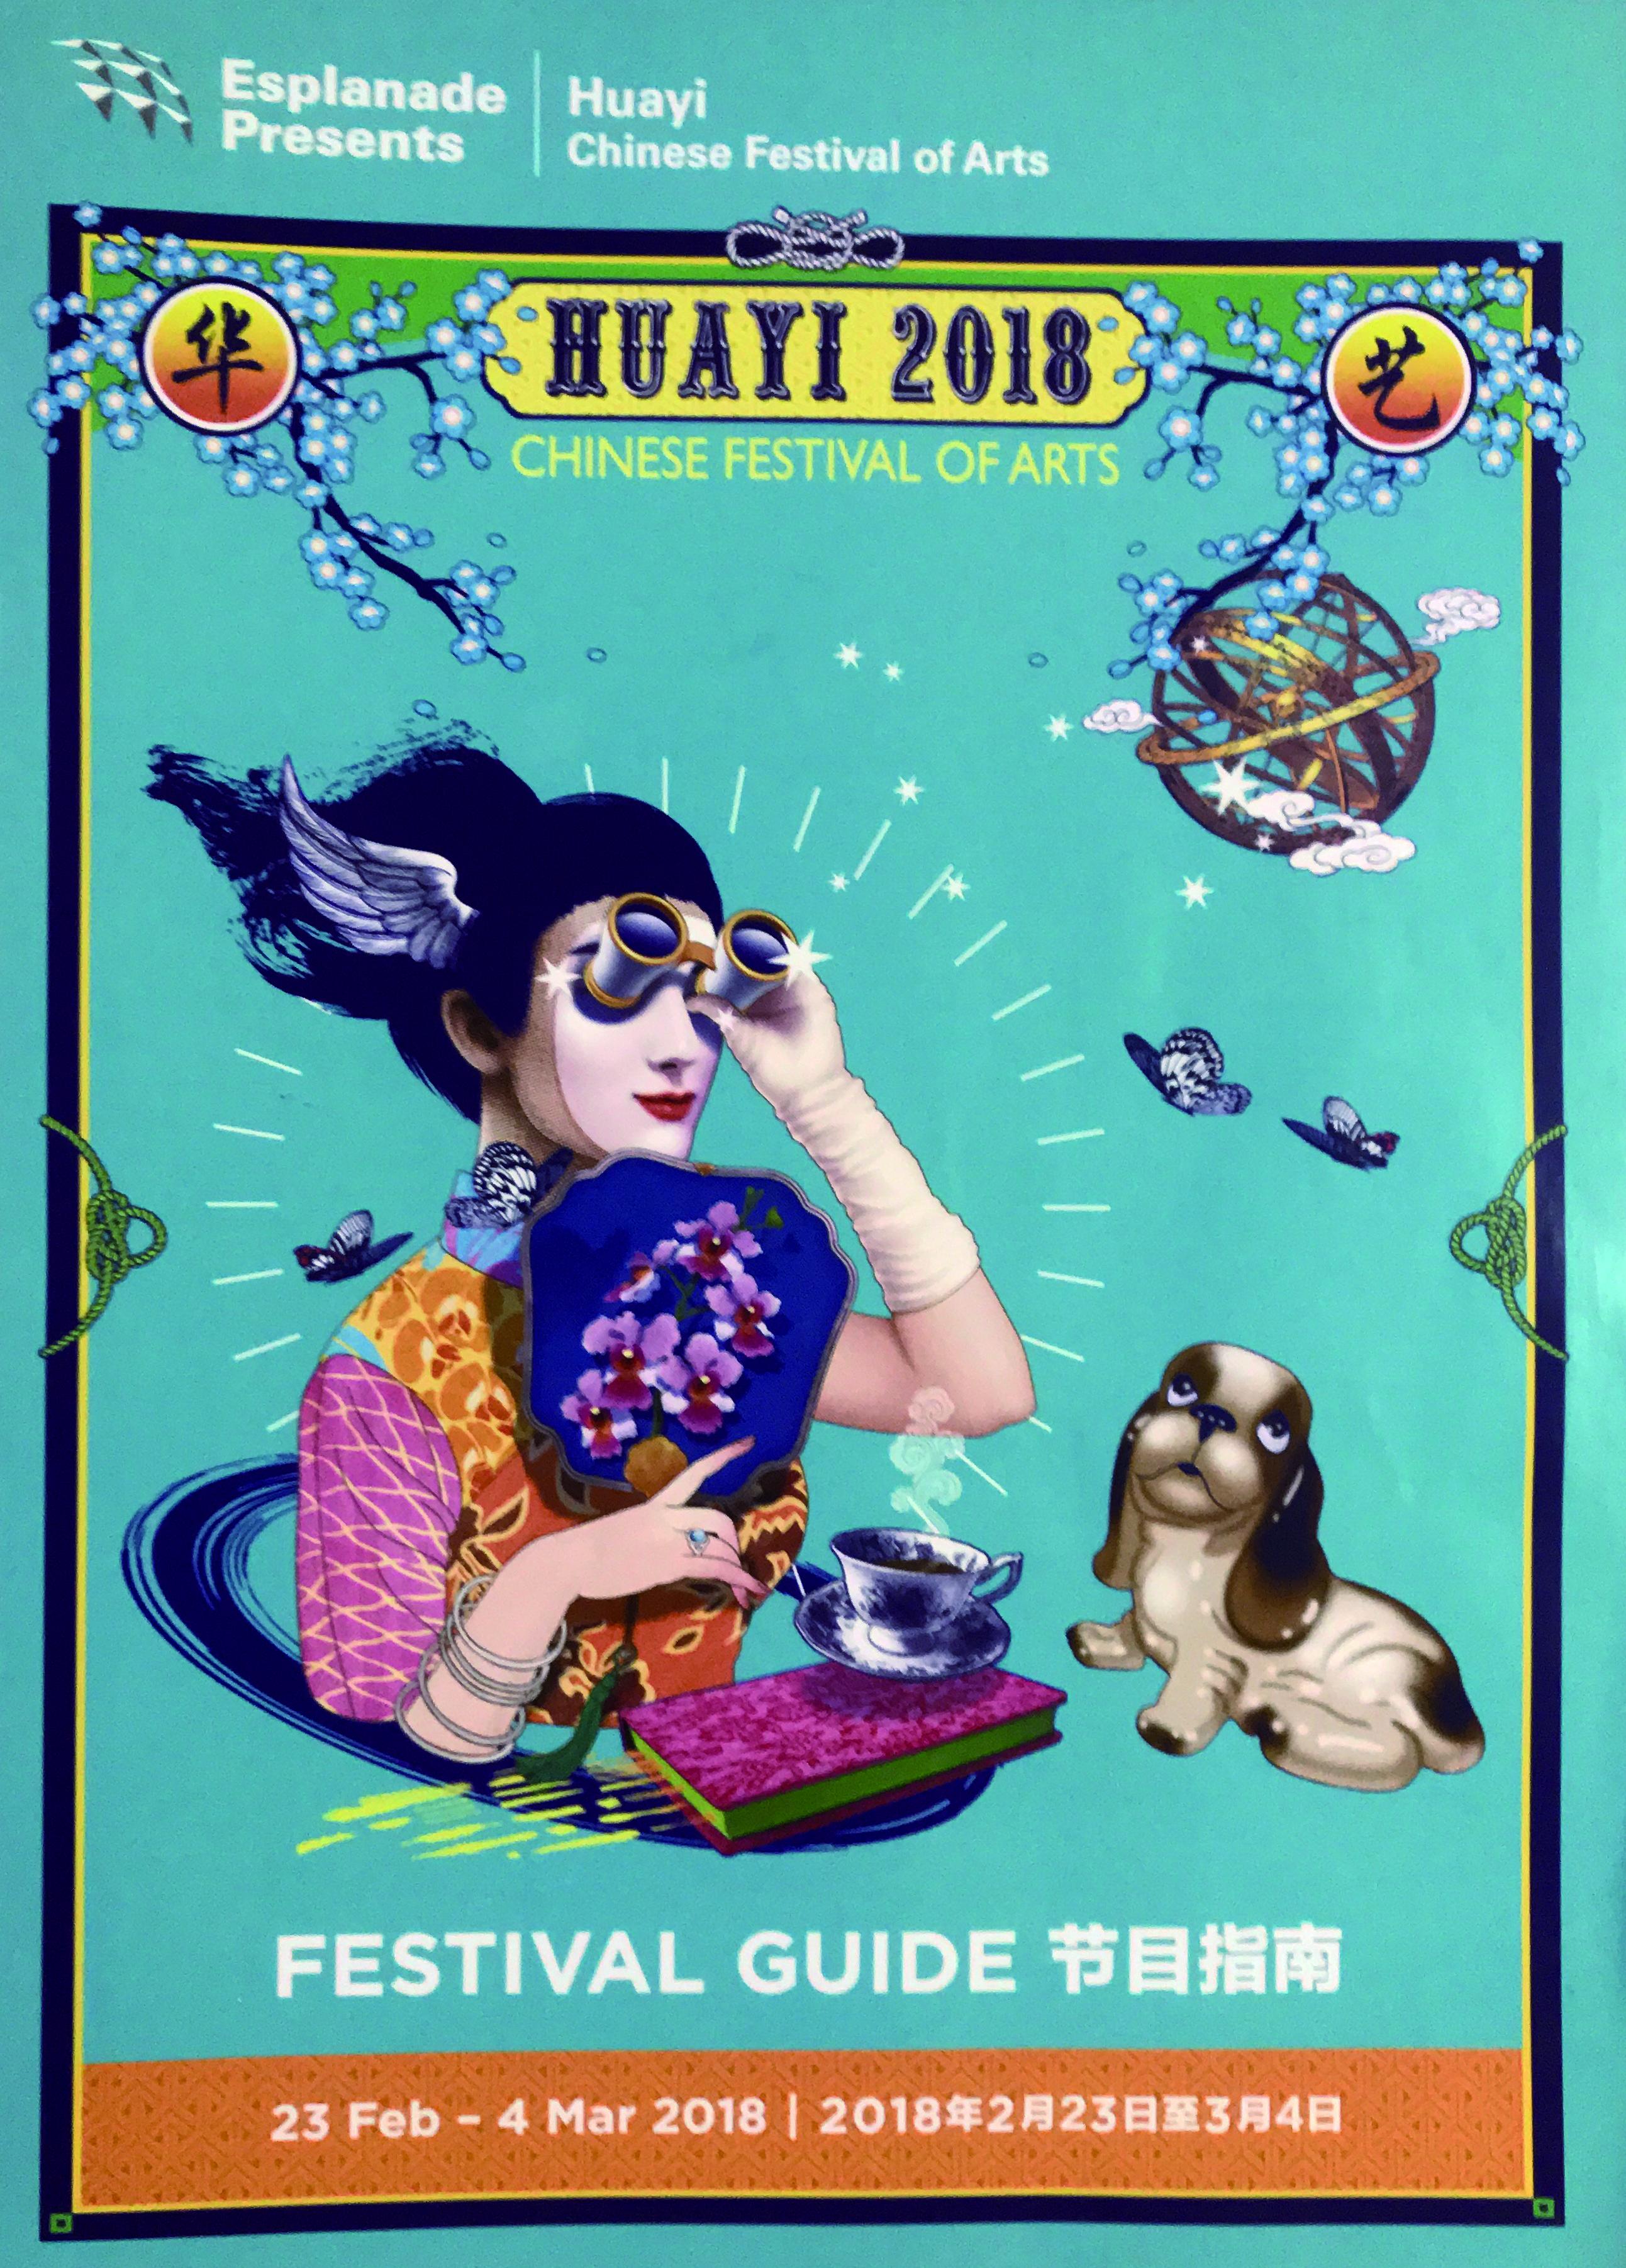 新加坡華藝節節目手冊呈現傳統與當代交融的藝術趣味。.jpg